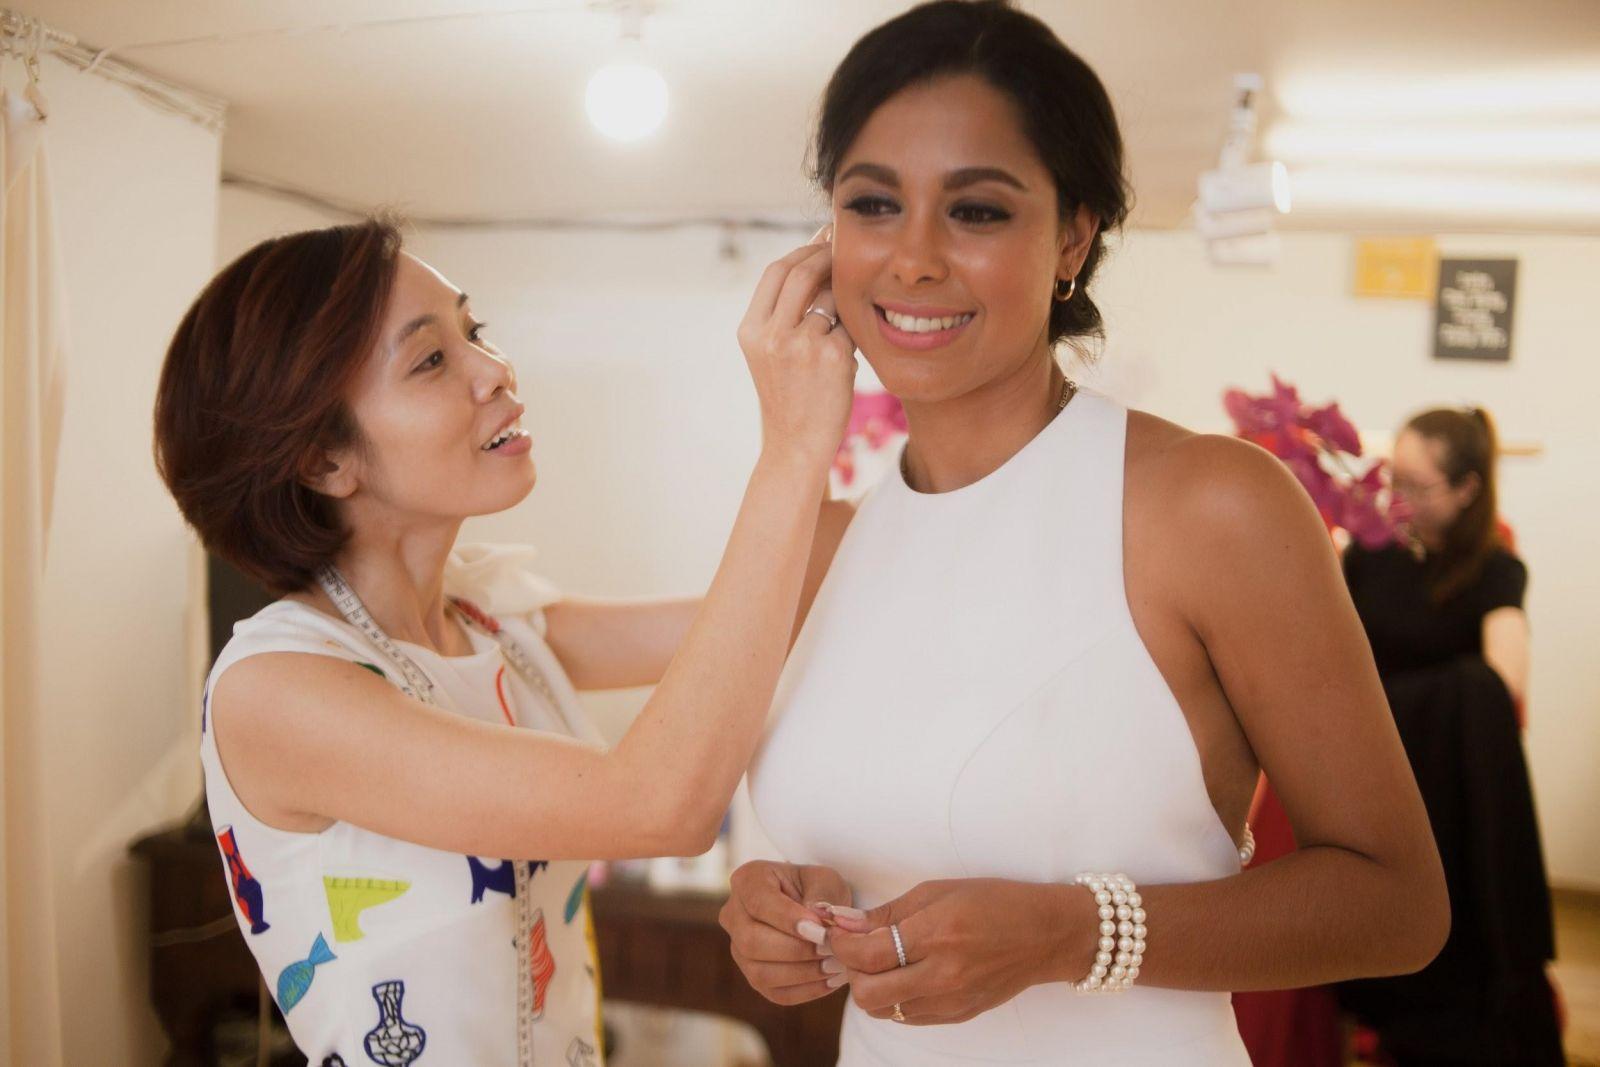 Hình ảnh rạng rỡ của Lisandra Delgado Napoles khi được thử phụ kiện ngọc trai tinh xảo đến từ Le Soleil